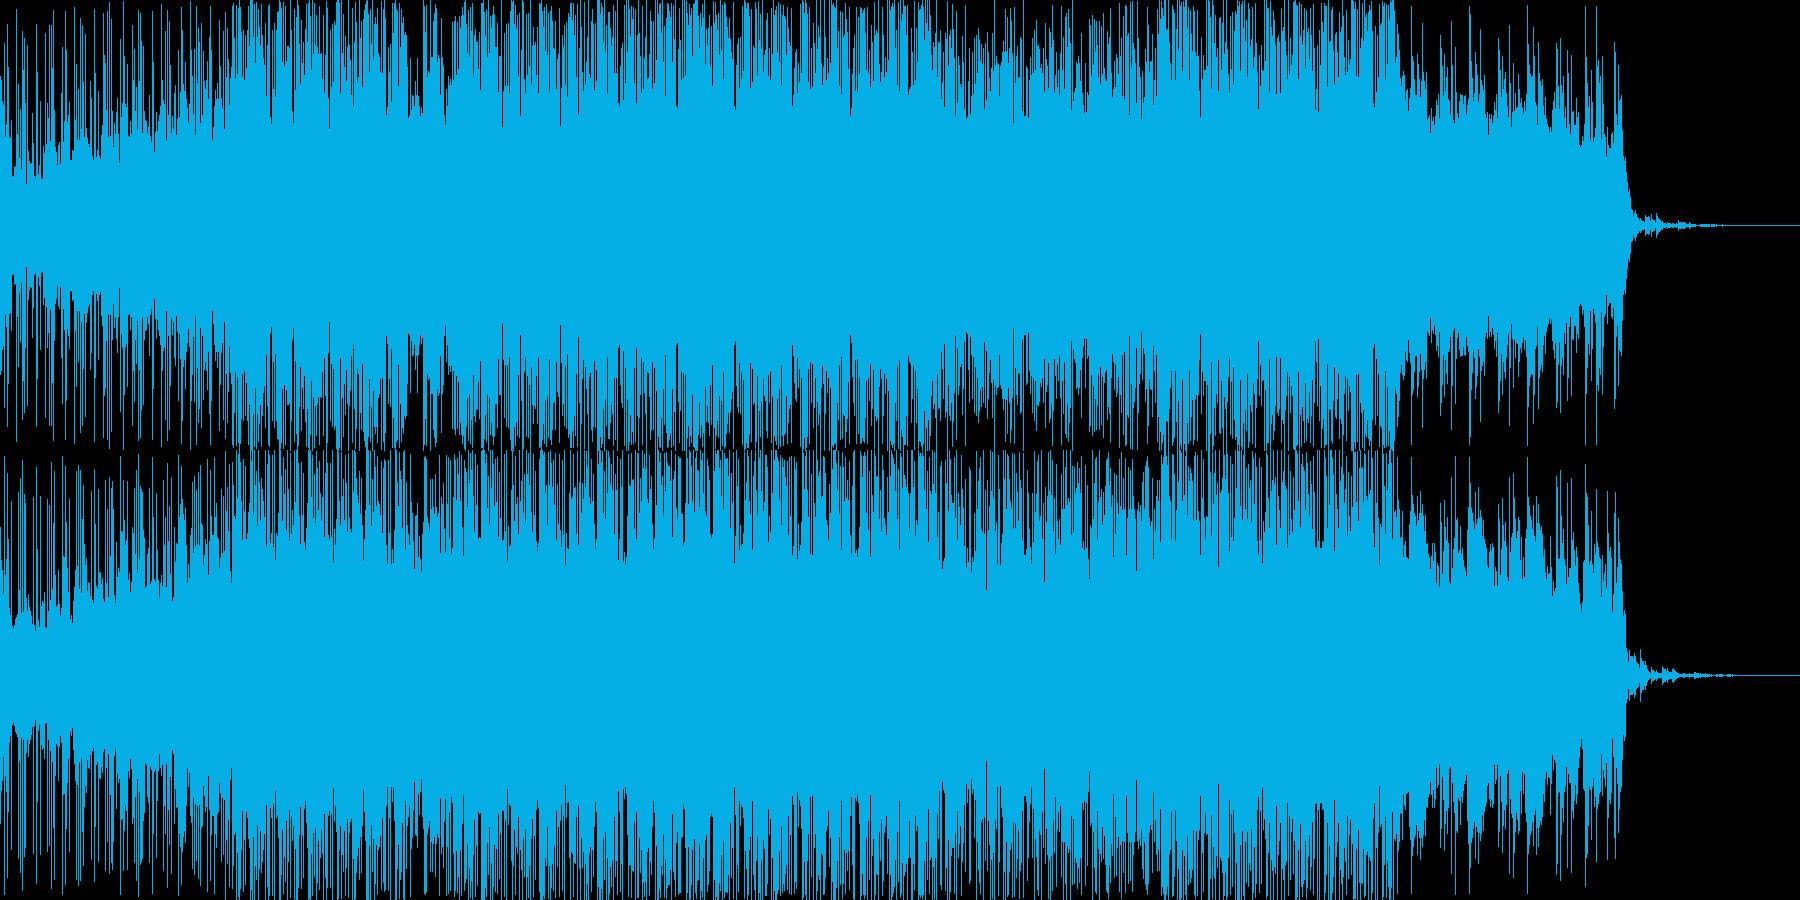 近未来感のあるBGM、エレクトロニカの再生済みの波形